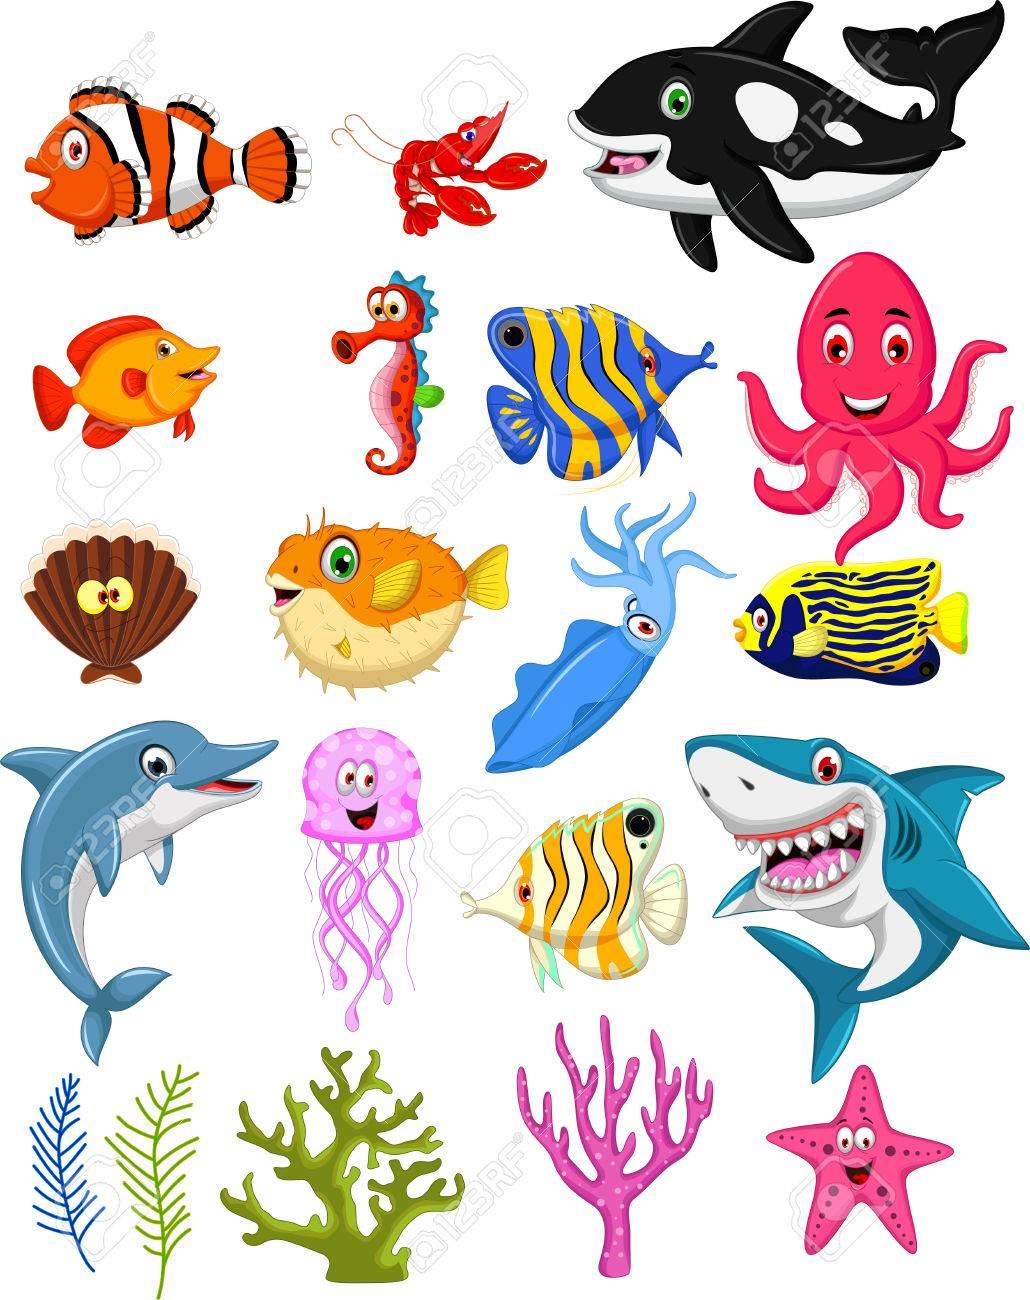 sea life cartoon collection - 38015461